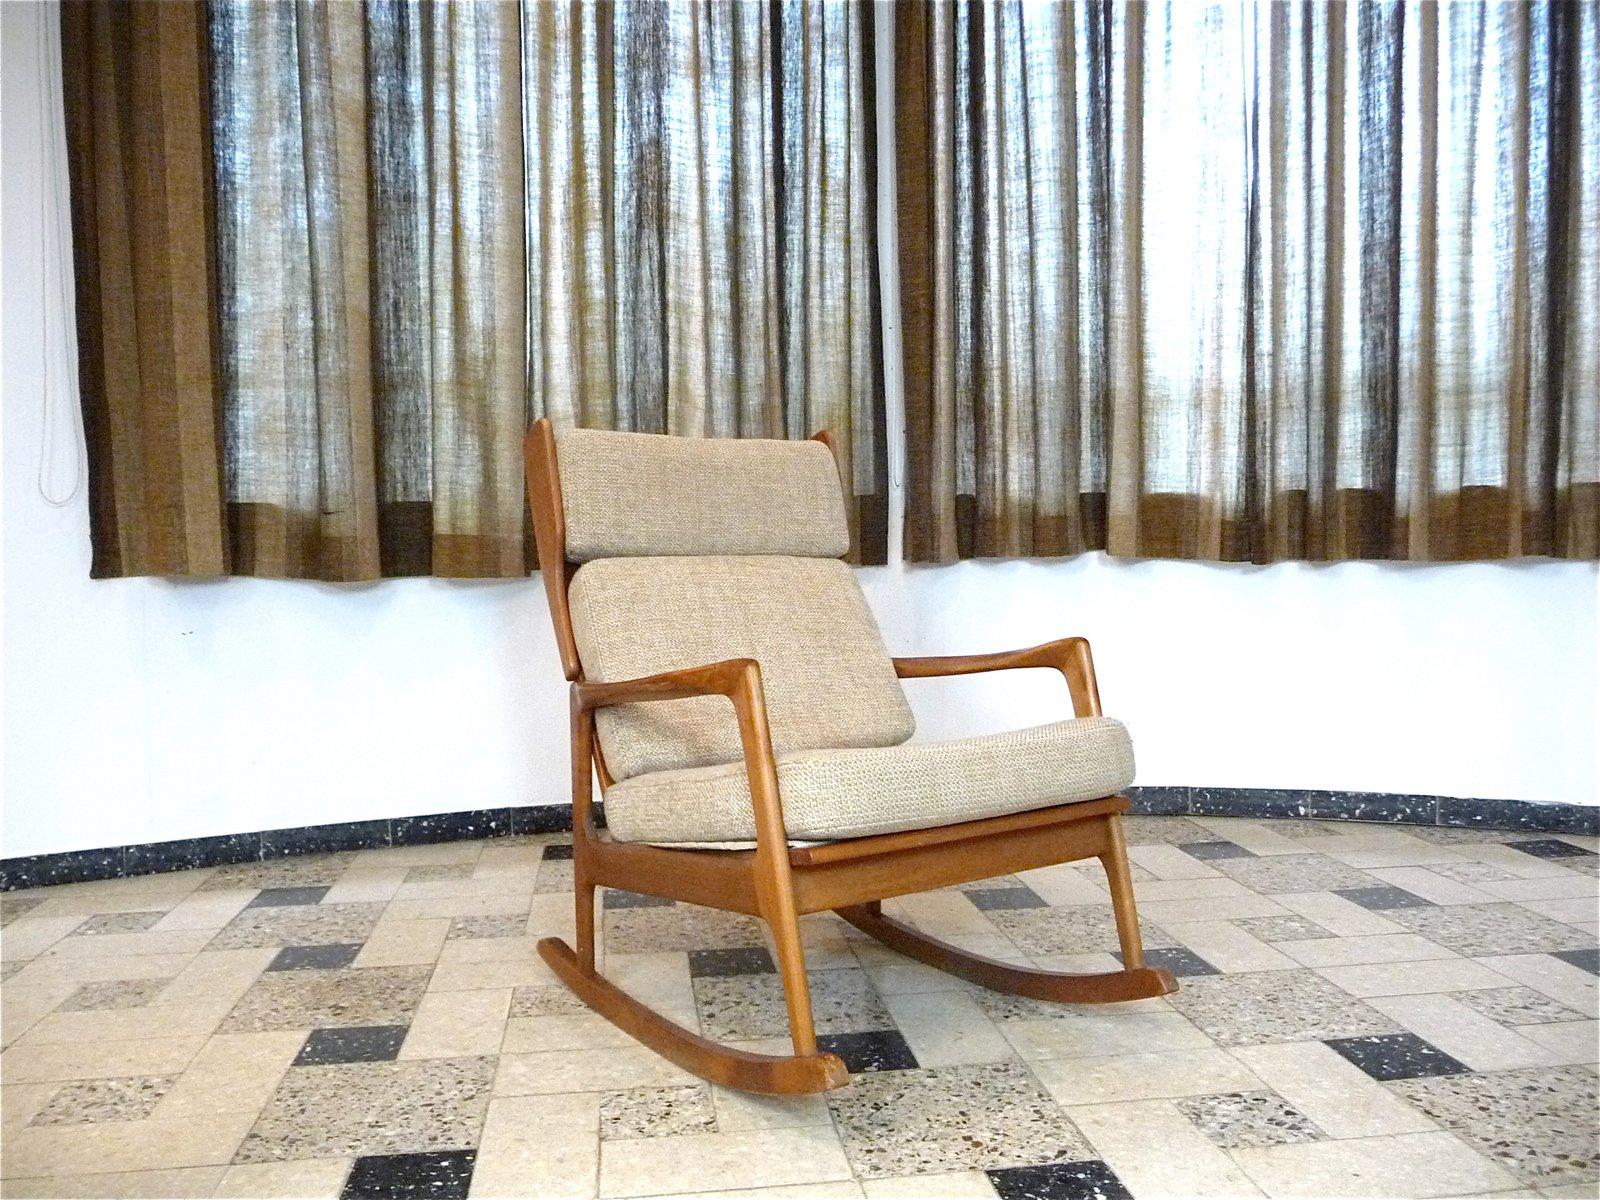 Solider holz schaukelstuhl 1960er bei pamono kaufen for Schaukelstuhl auf englisch